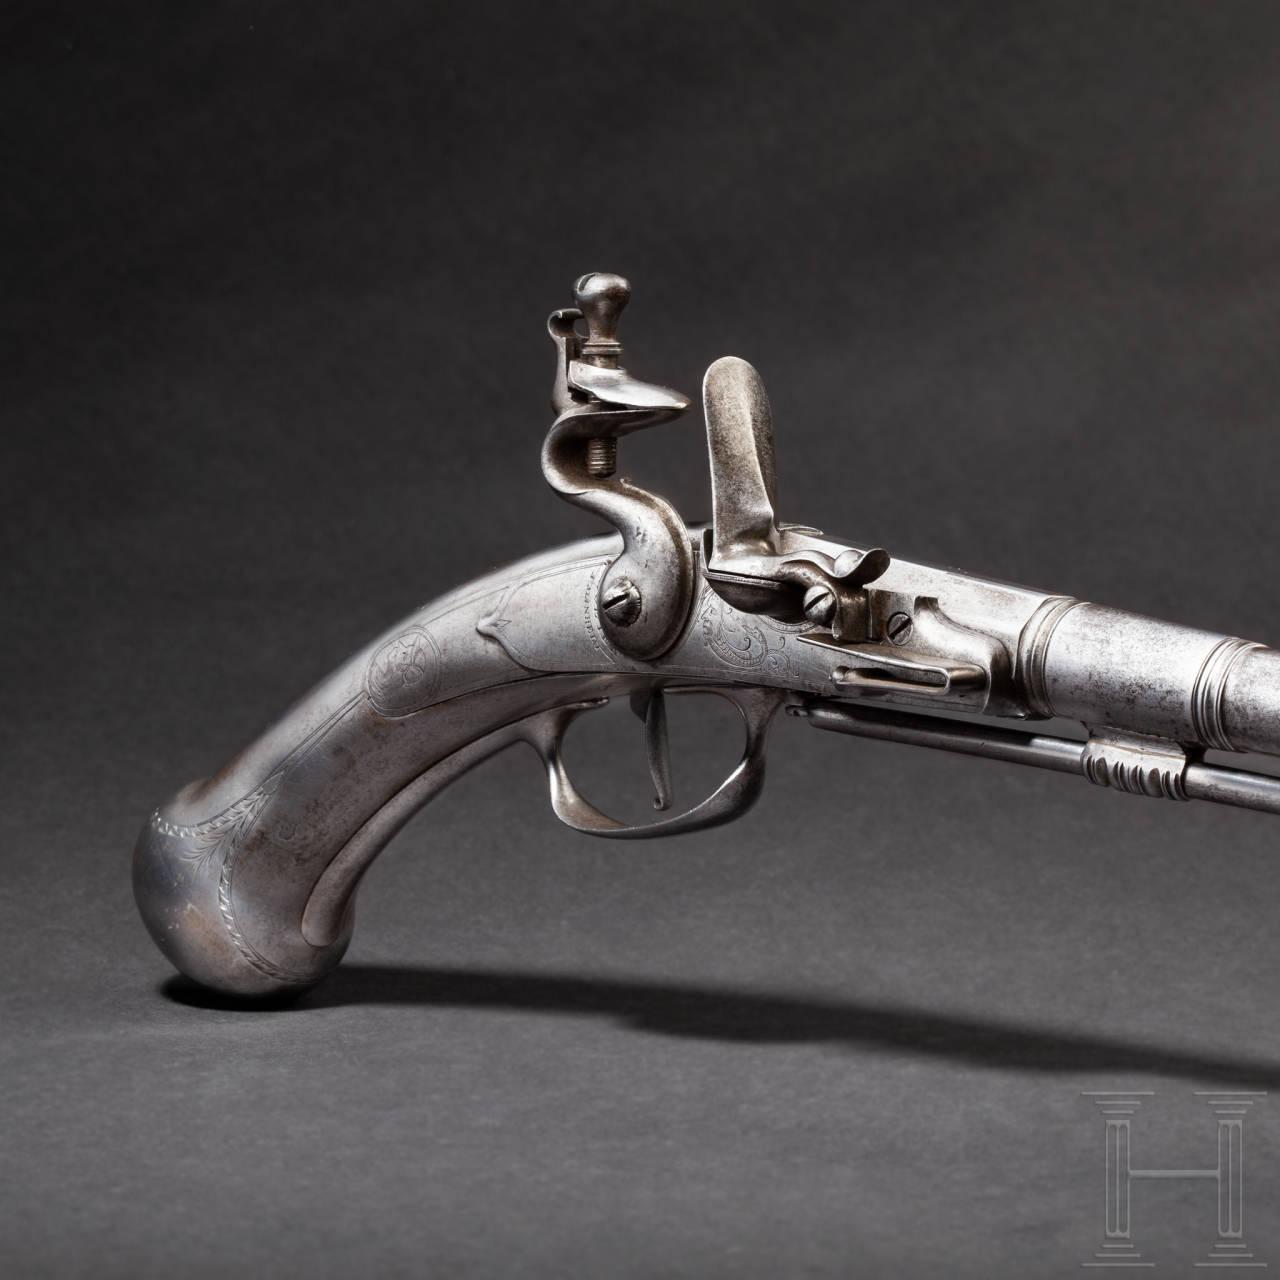 A rare all-metal flintlock pistol, Cloeter, Mannheim, circa 1680/90